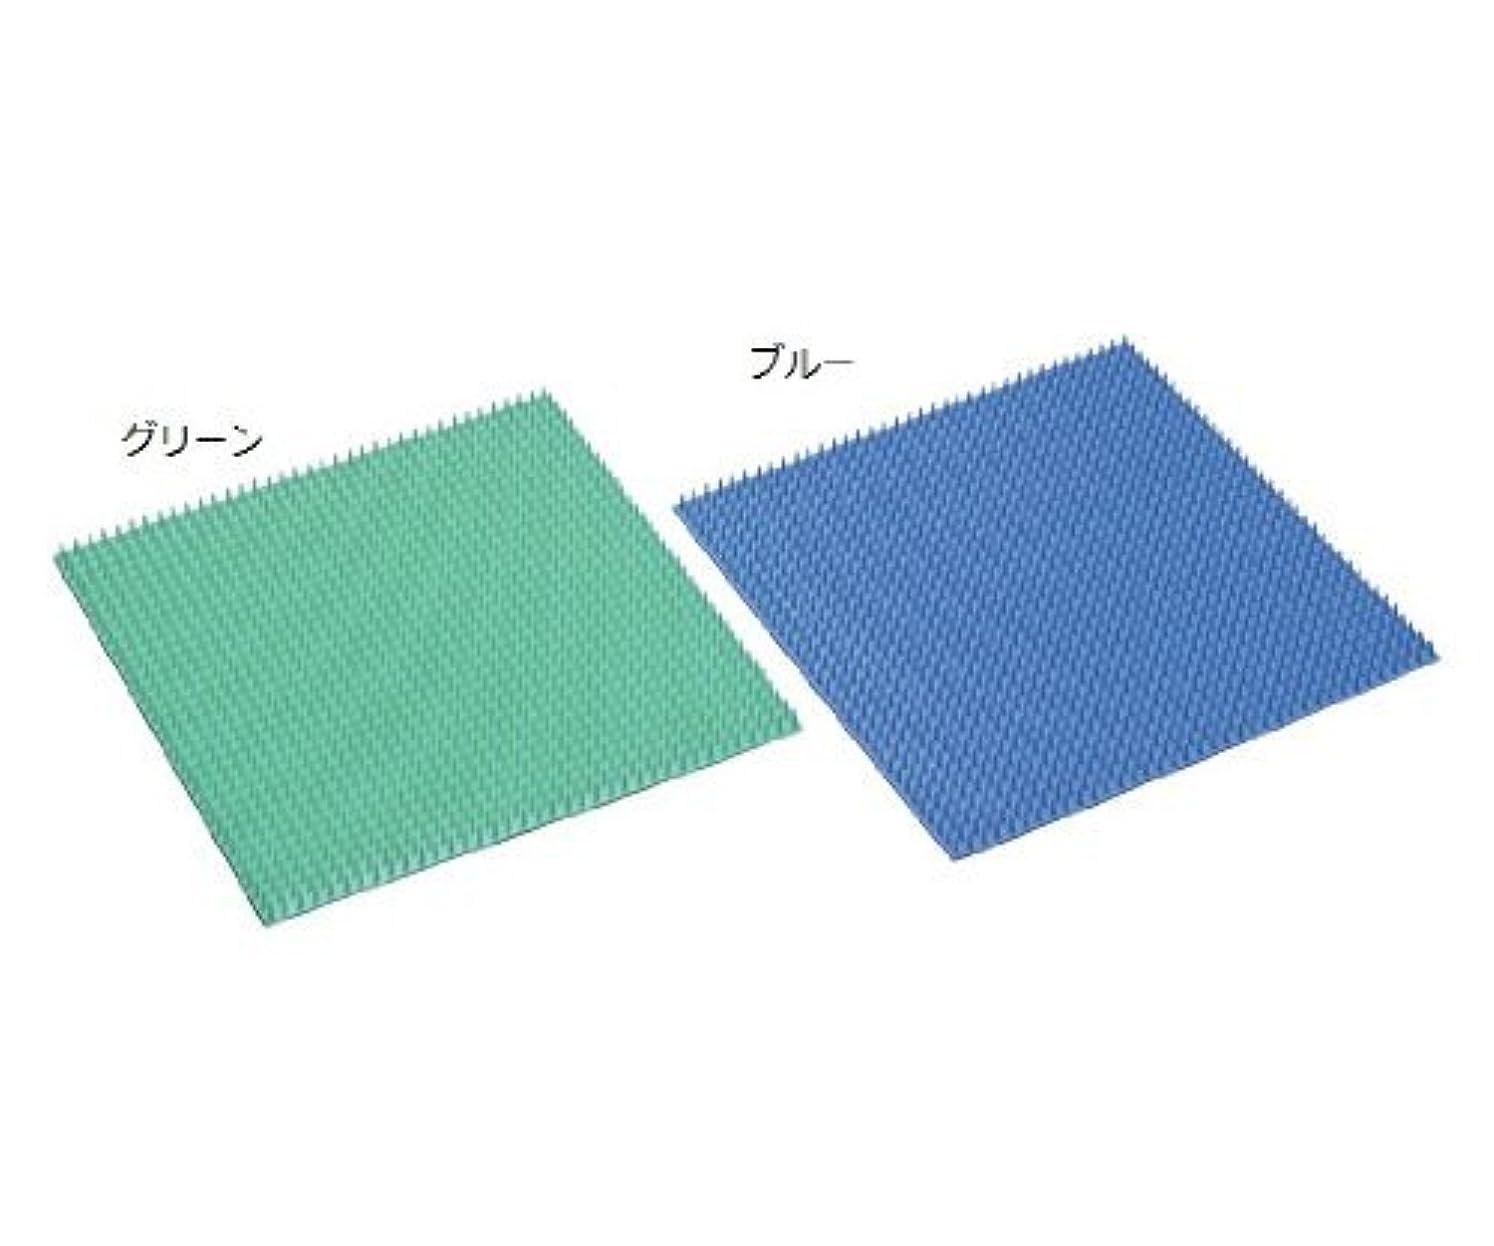 レタスゲインセイ小麦カスト用パット グリーン / 0-7313-02